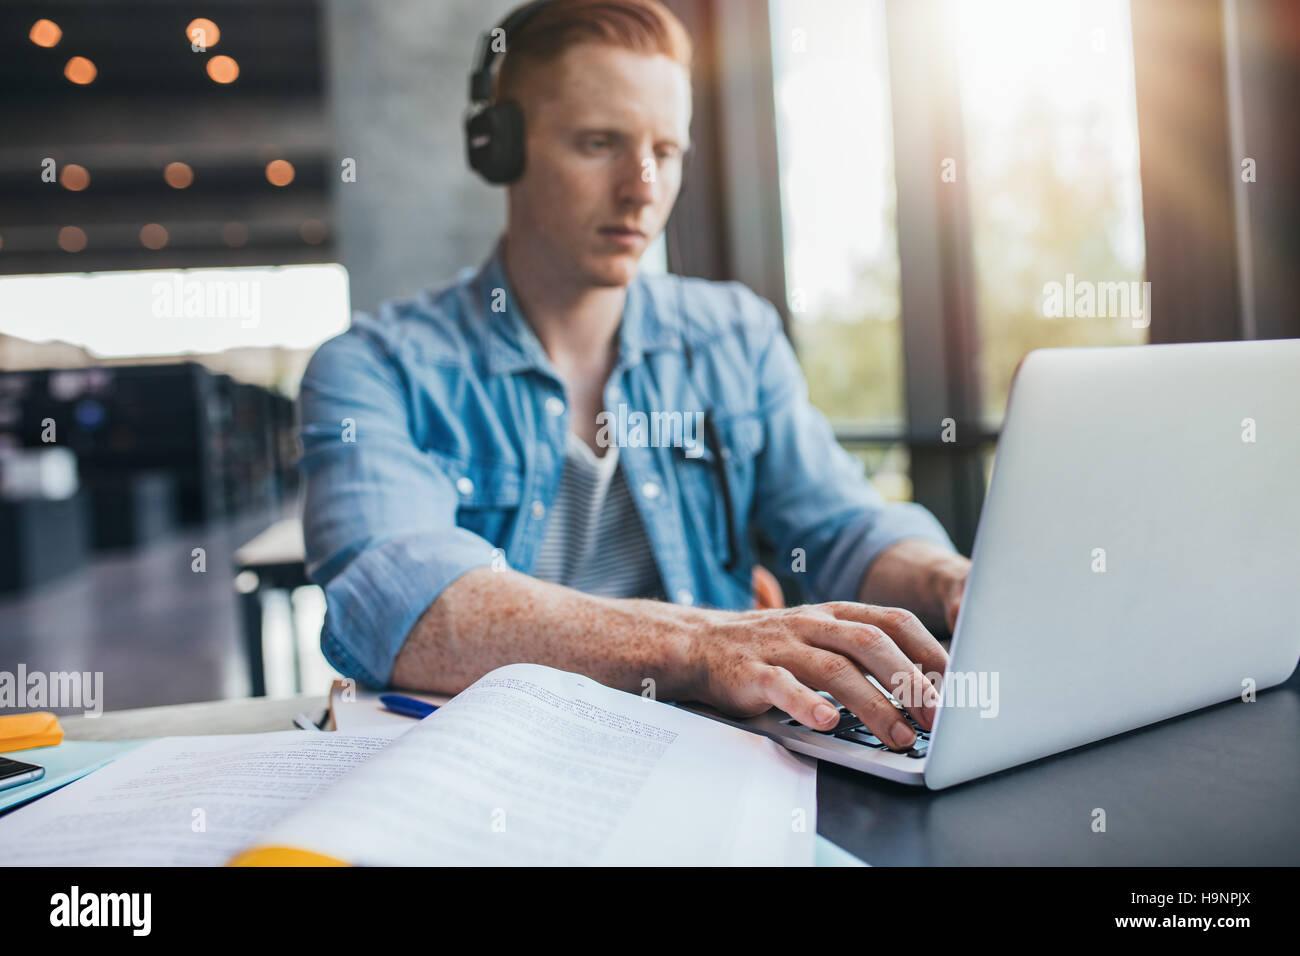 Un estudiante de sexo masculino en la biblioteca de la universidad utilizando el portátil. Joven estudiando Imagen De Stock